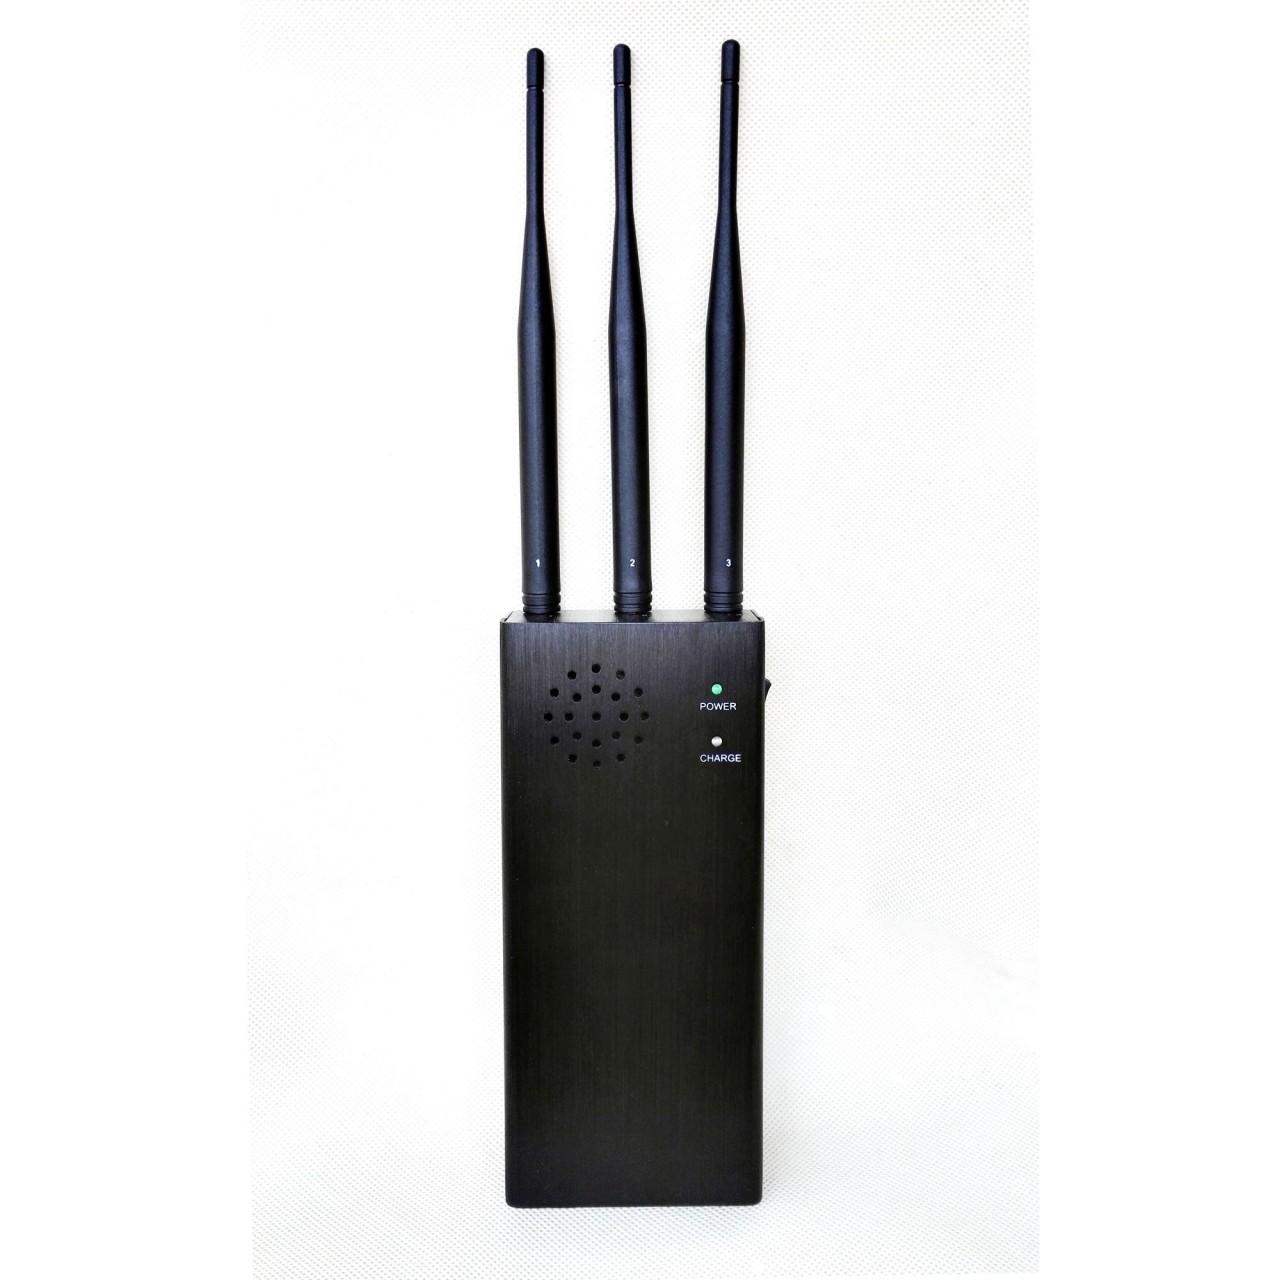 315 mhz jammer - 315MHz Block 10 Meters